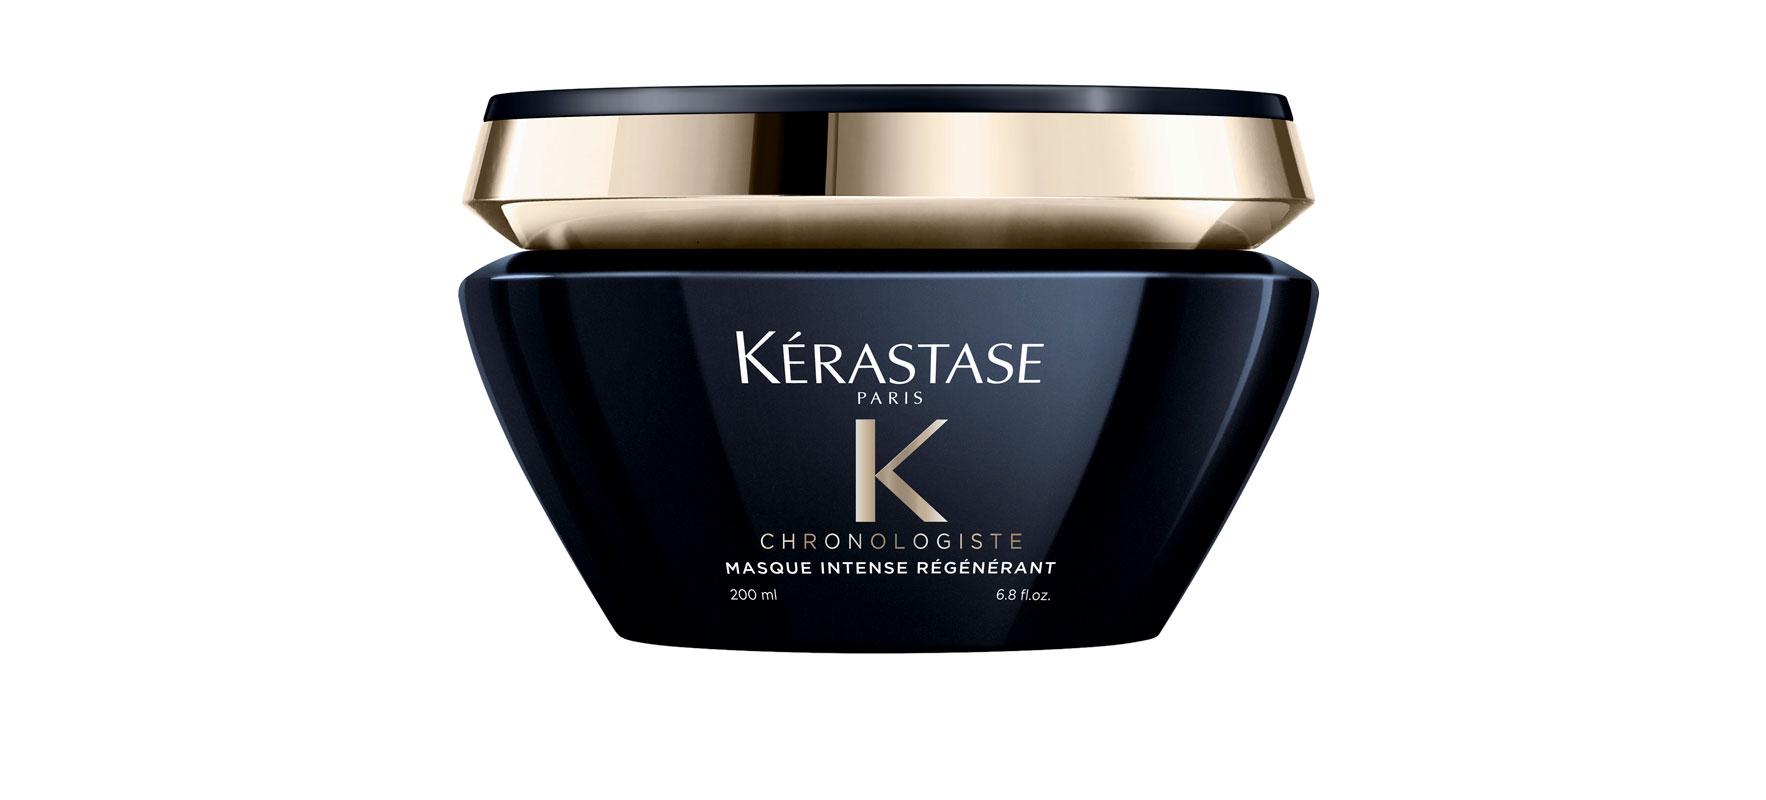 Kérastase Chronologist -hiusnaamio hoitaa sekä hiuspohjaa että hiuksia, sisältää kosteuttavaa hyaluronihappoa, E-vitamiinia ja vaurioita korjaavaa abyssineä, 200 ml 58,50 e.